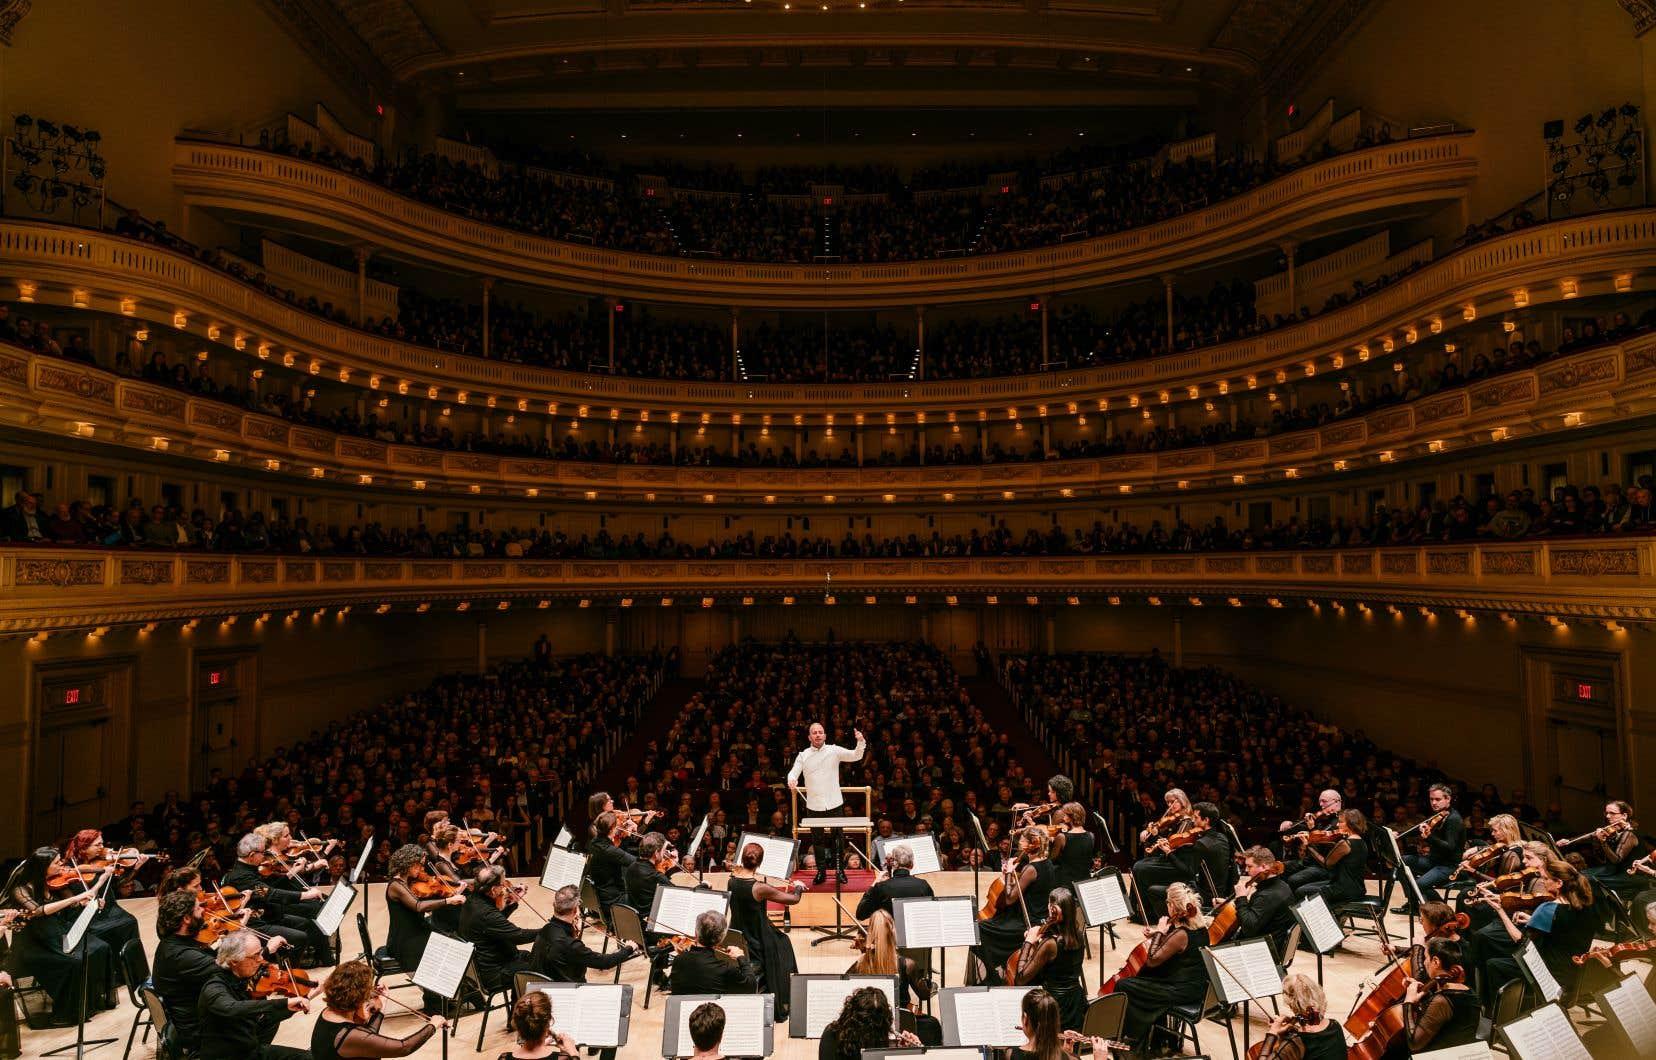 Chef et orchestre réitèrent le miracle de la tournée européenne: c'est lorsqu'on pense que les sommets ont été atteints, qu'ils en rajoutent dans la prise de risques, l'inventivité, la plénitude et la générosité.